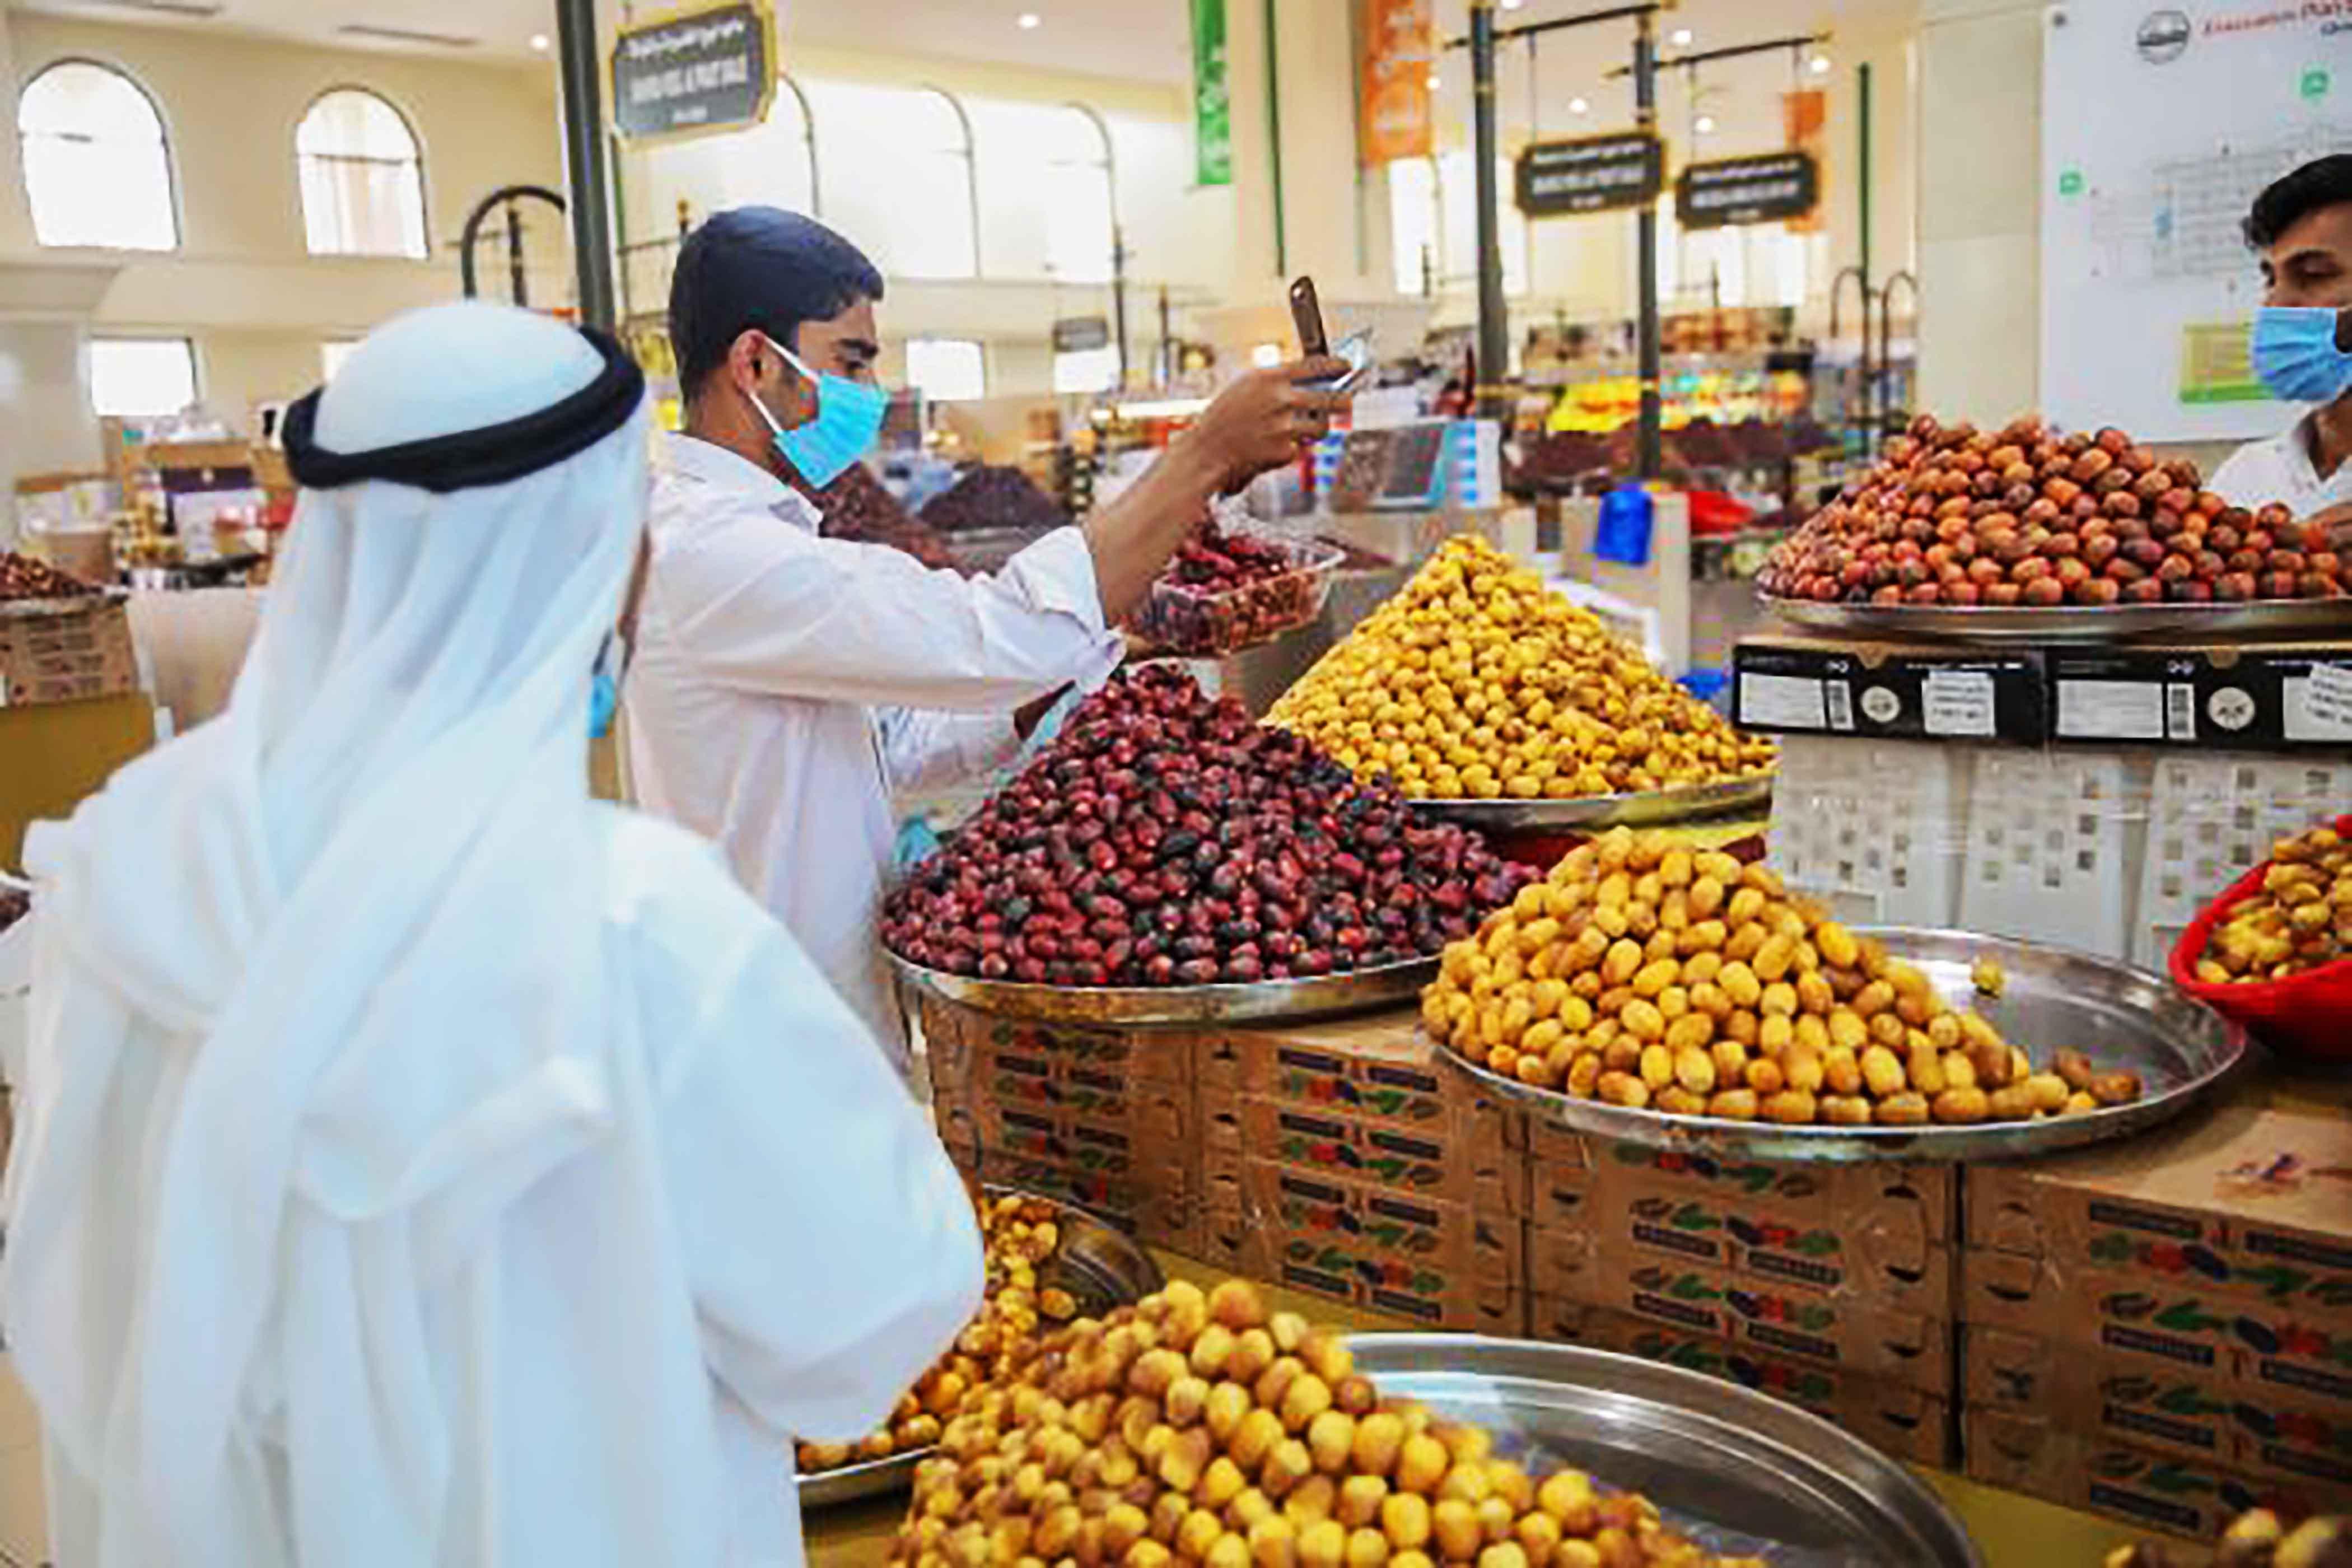 اختتام النسخة الـ6 لسوق الجبيل من مهرجان الرطب في الشارقة والحمرية